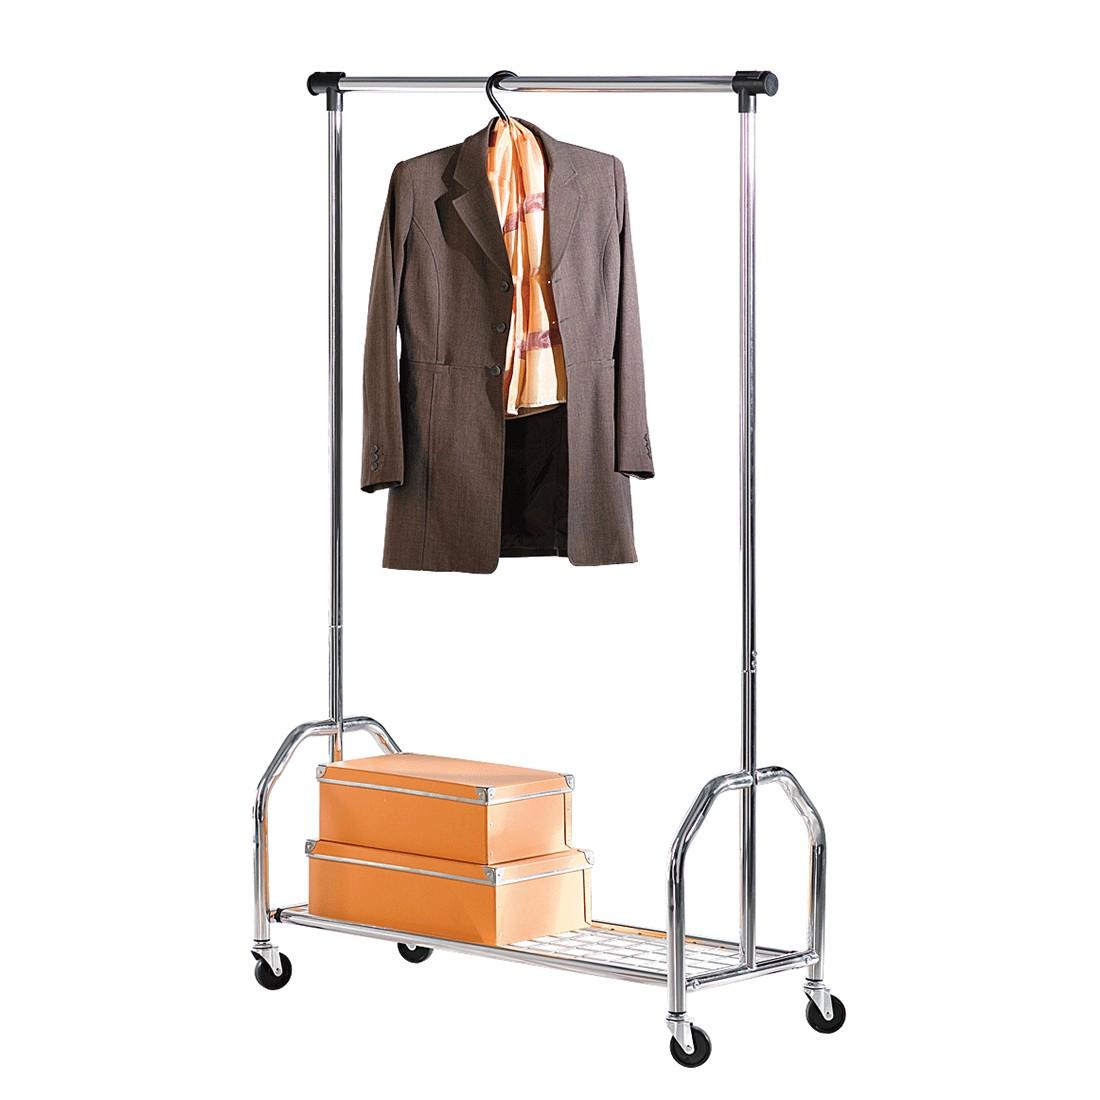 Rollbare Garderobe – Eisen – Silber, PureDay günstig online kaufen